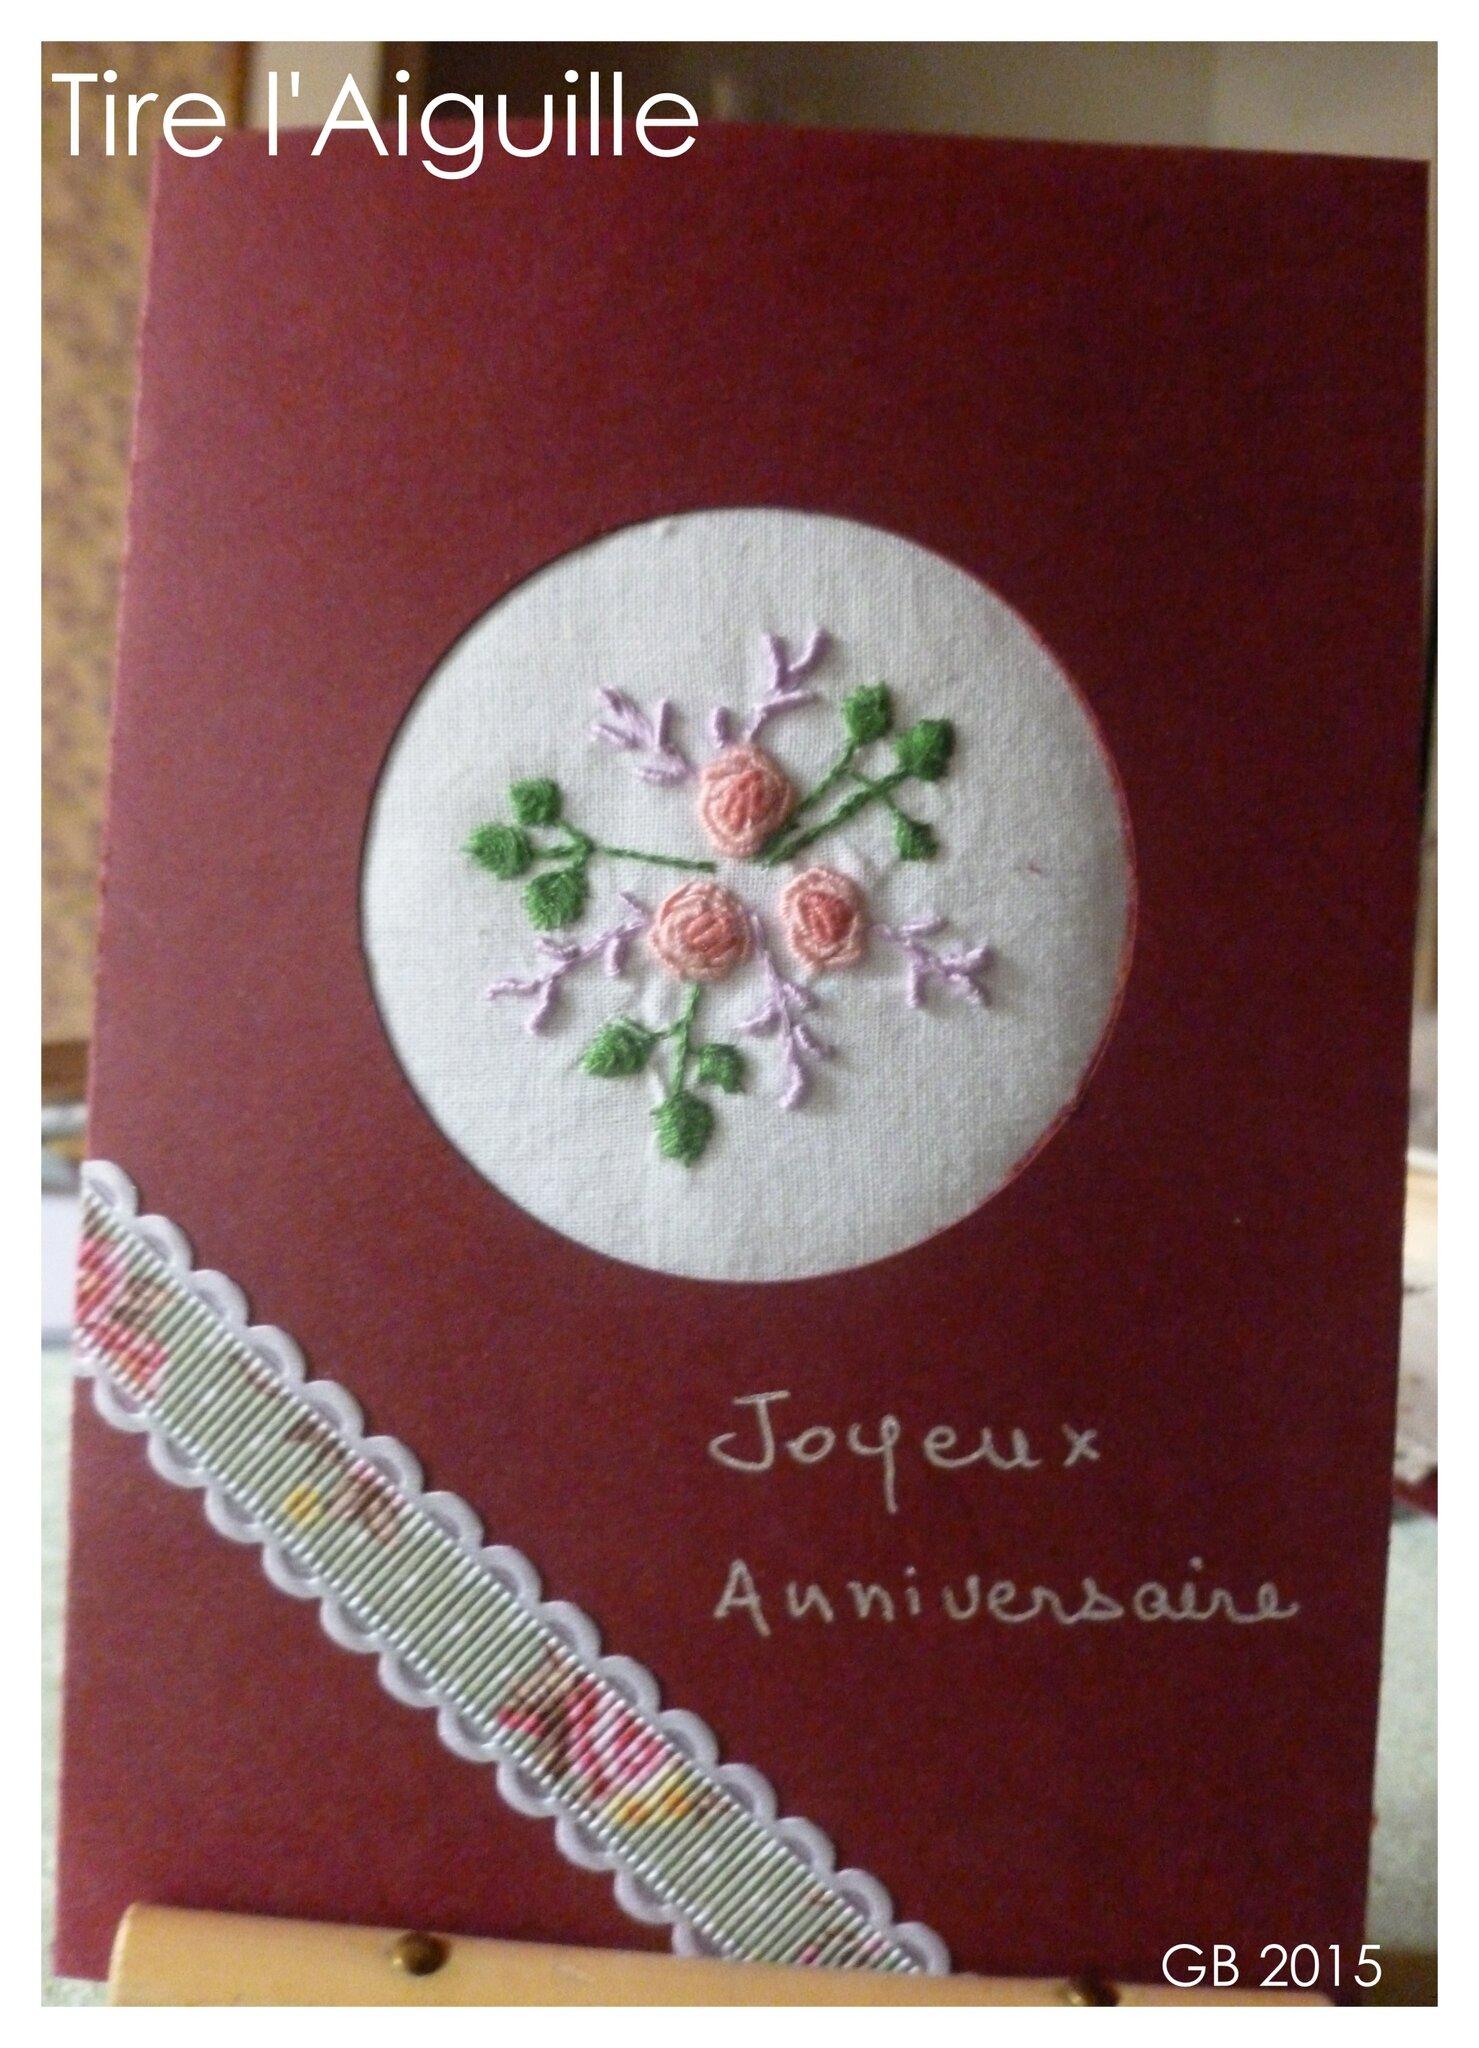 2015-07 - Bon anniversaire Colette B